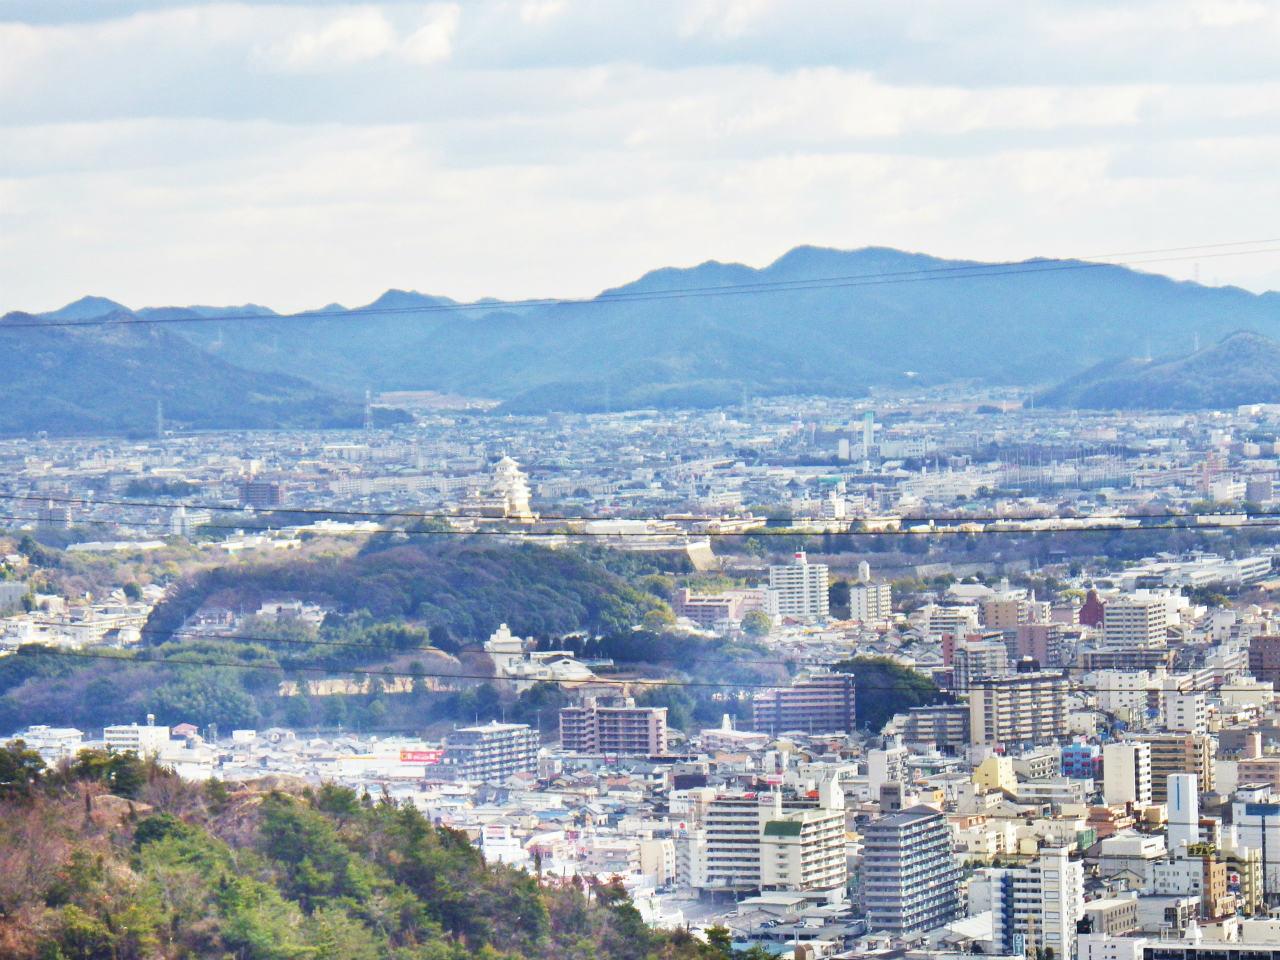 12a 姫路城方面の眺め